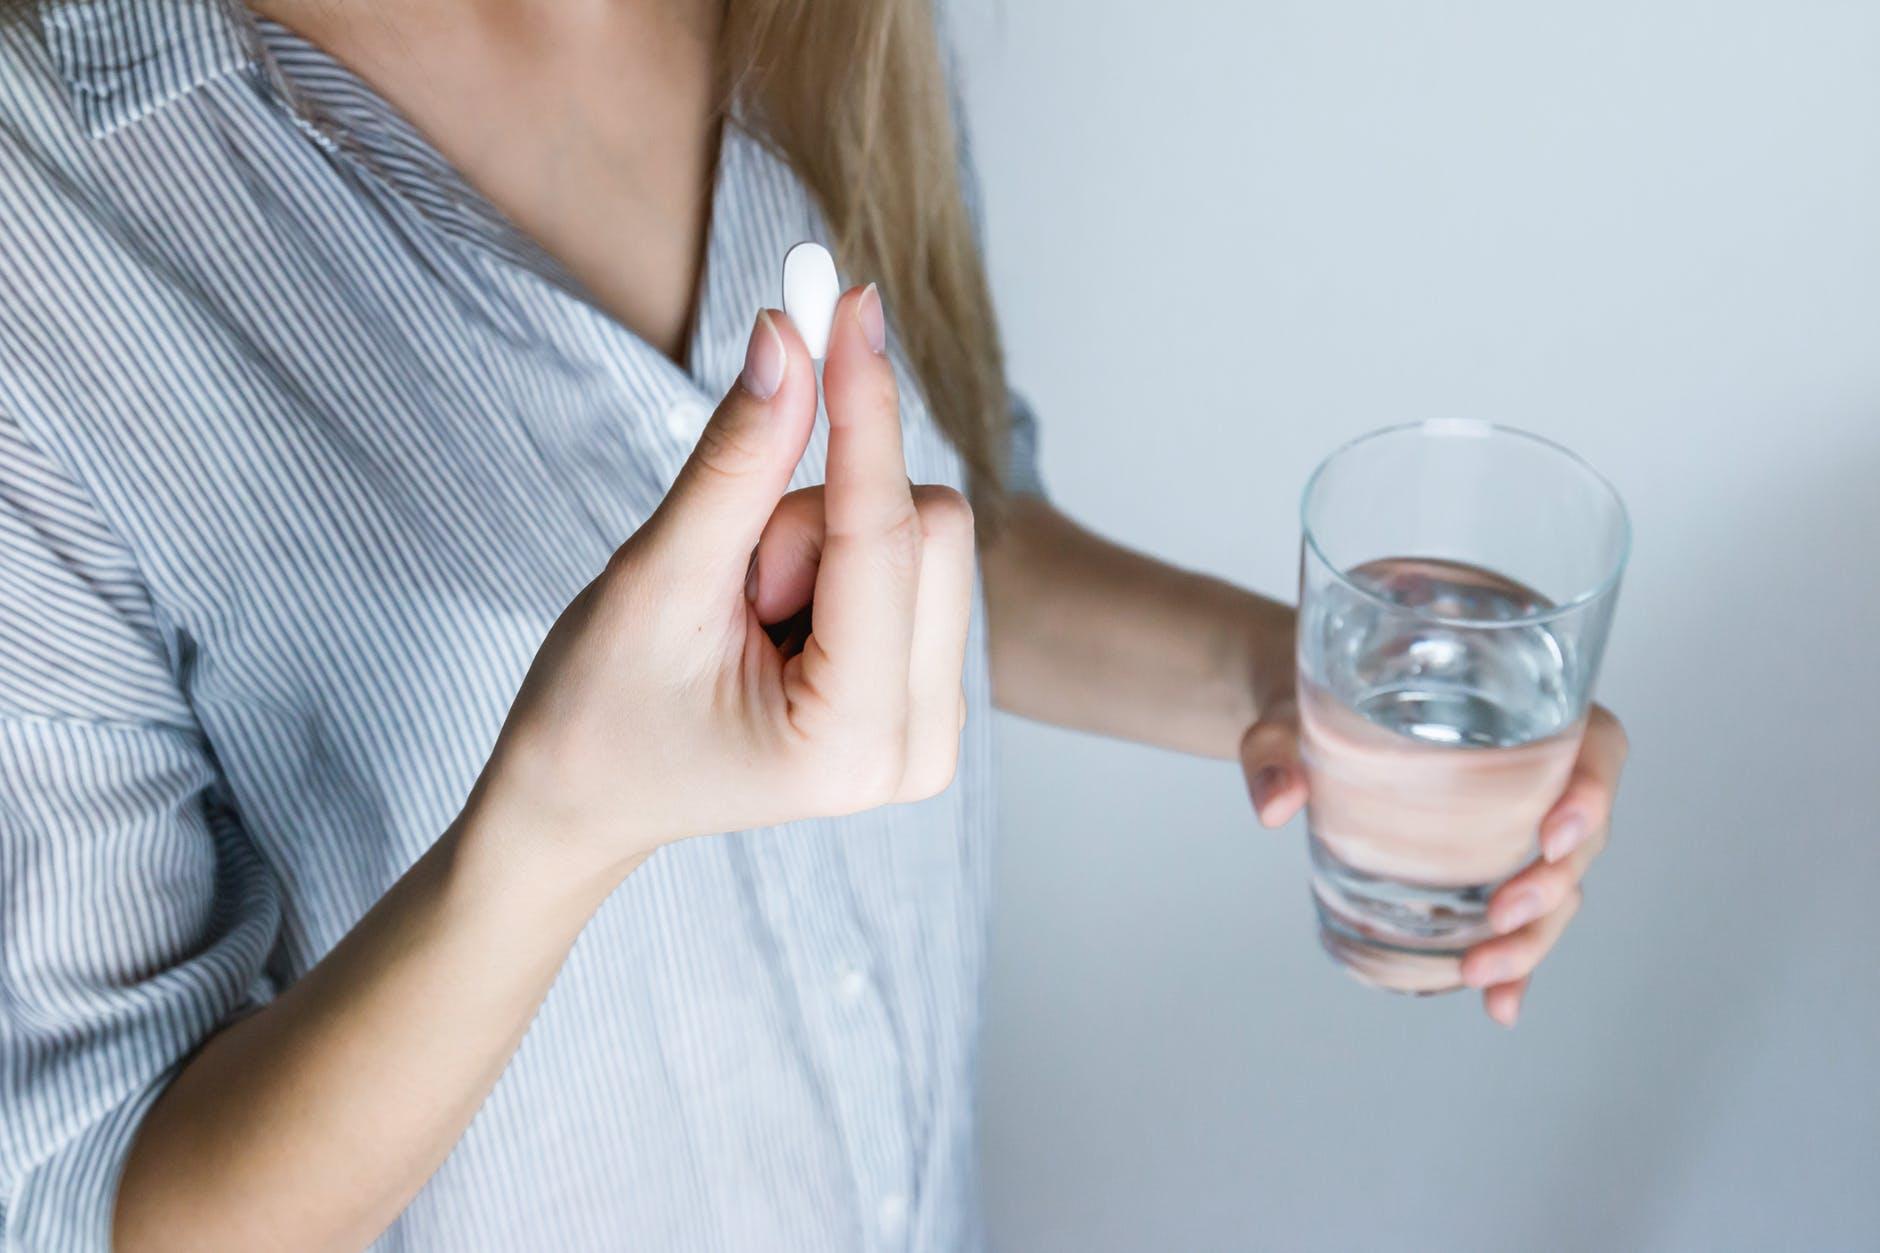 Semnal de alarmă pentru români! Utilizați acest medicament cu mare grijă